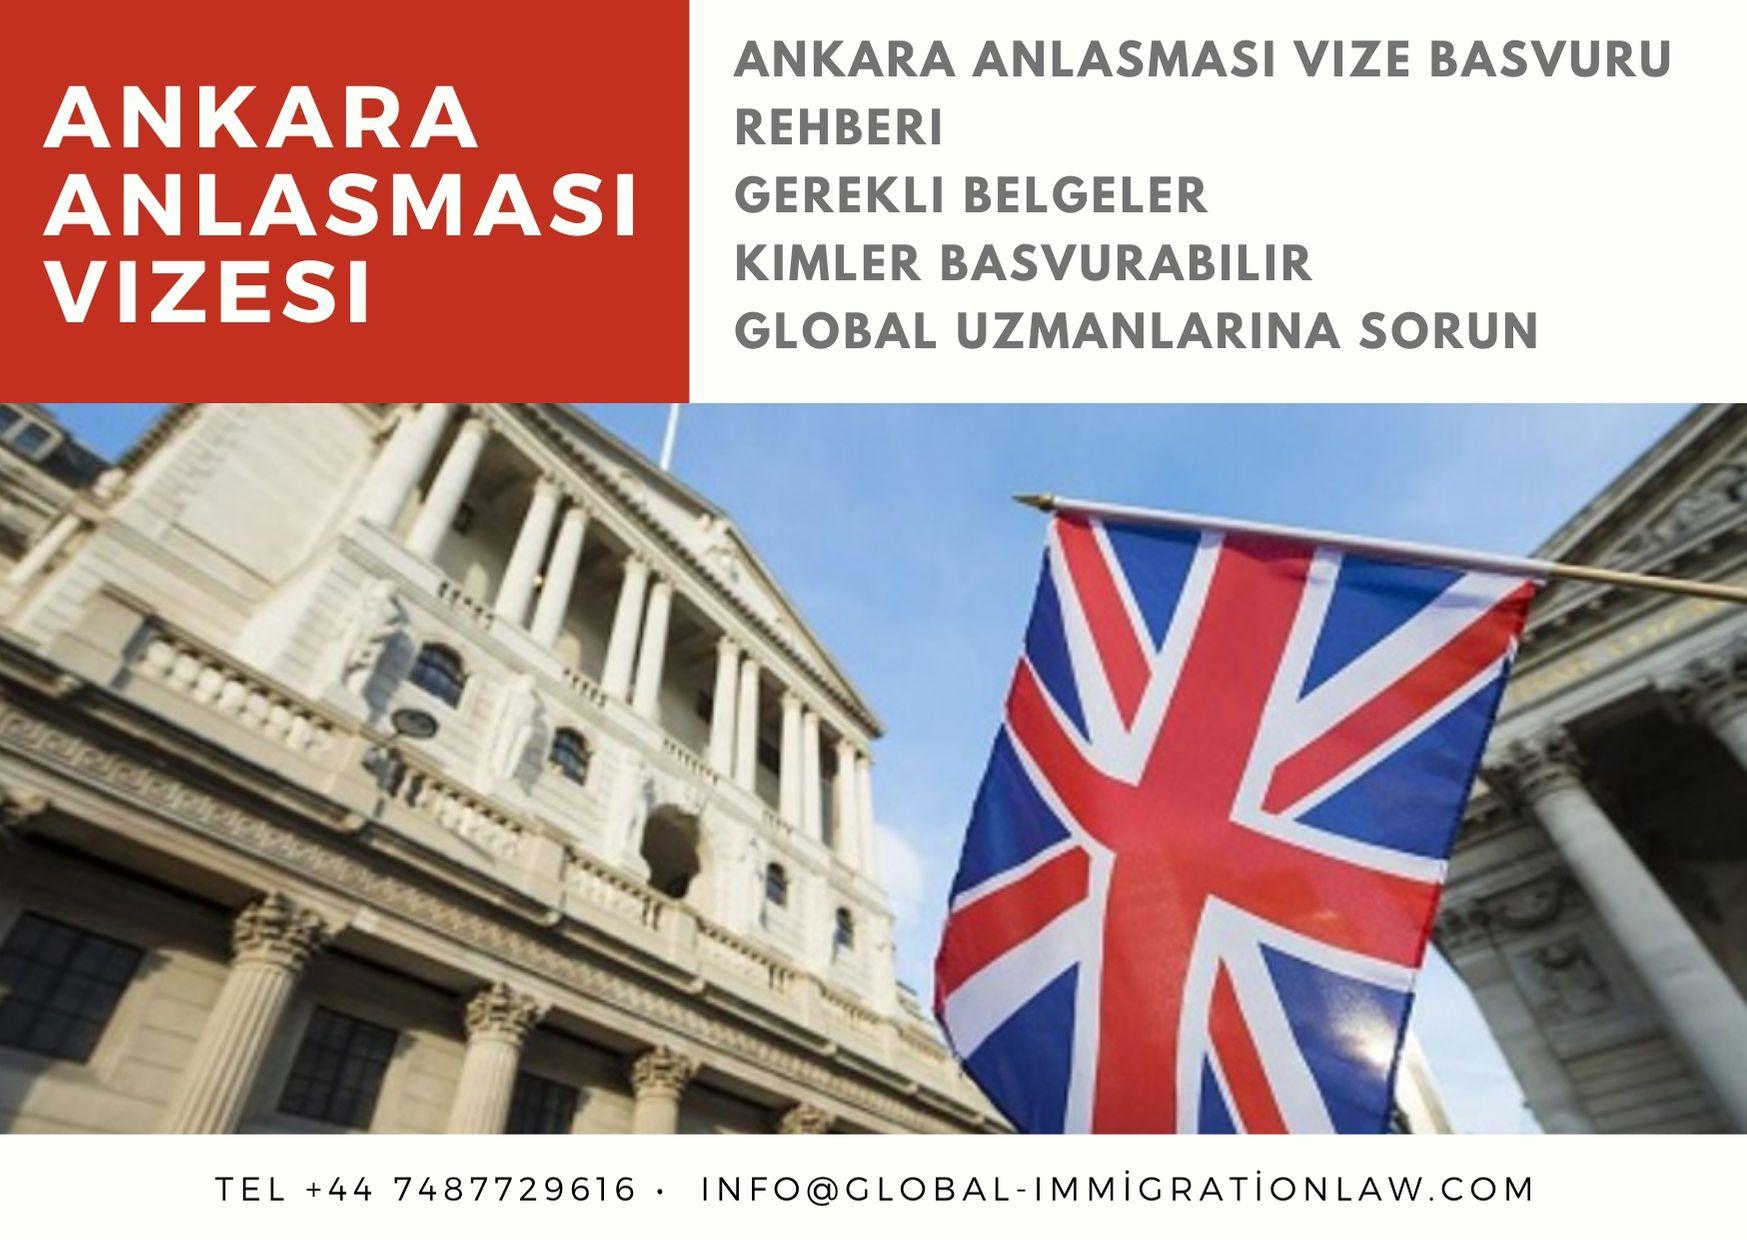 İngiltere'de Ankara anlaşması vizesi ile iş nasıl kurulur